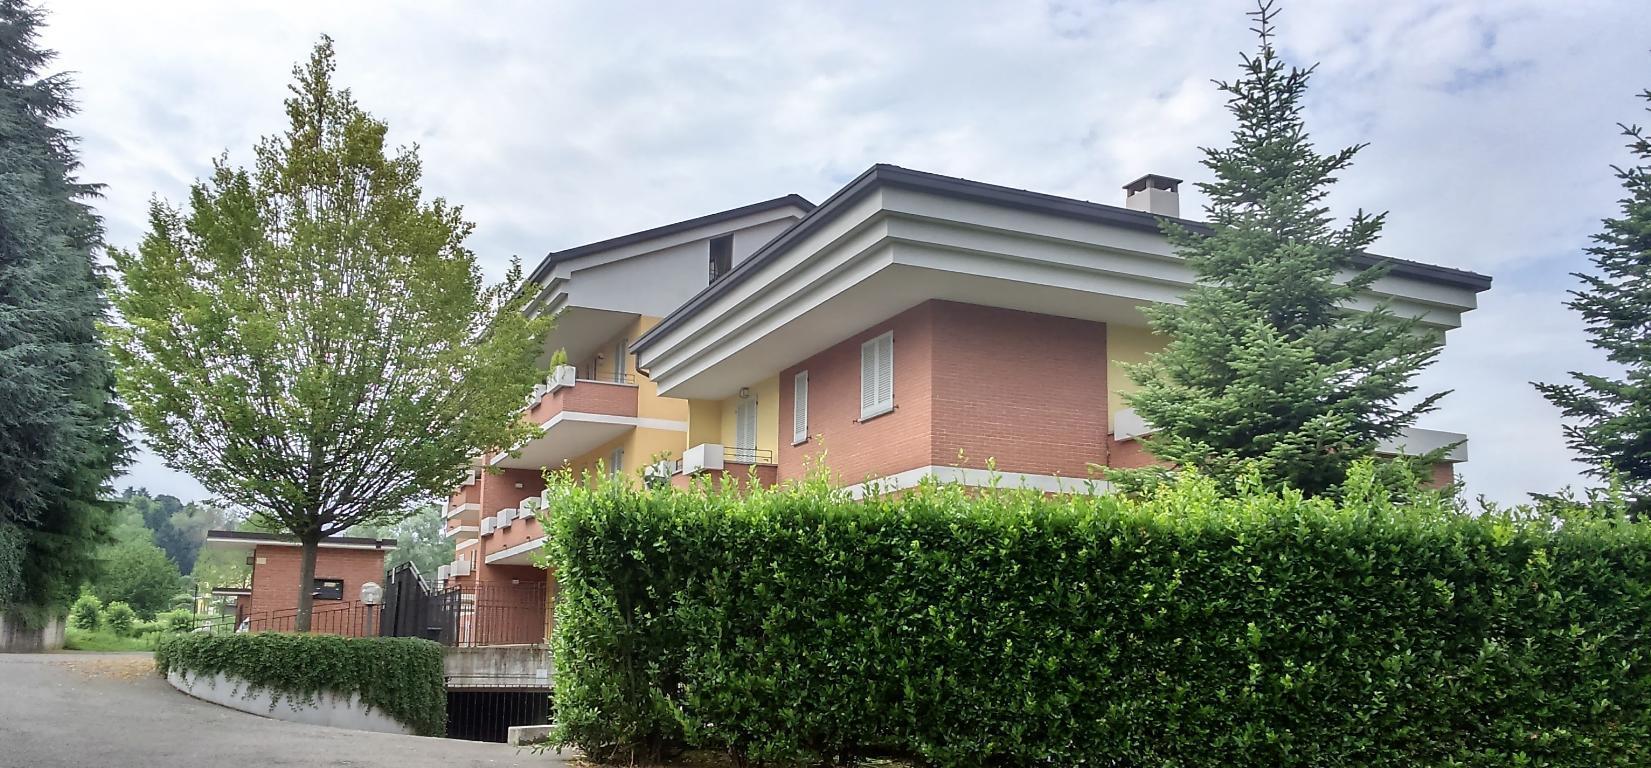 Appartamento in vendita a Monticello Brianza, 3 locali, zona Località: Semicentrale, prezzo € 290.000 | Cambio Casa.it